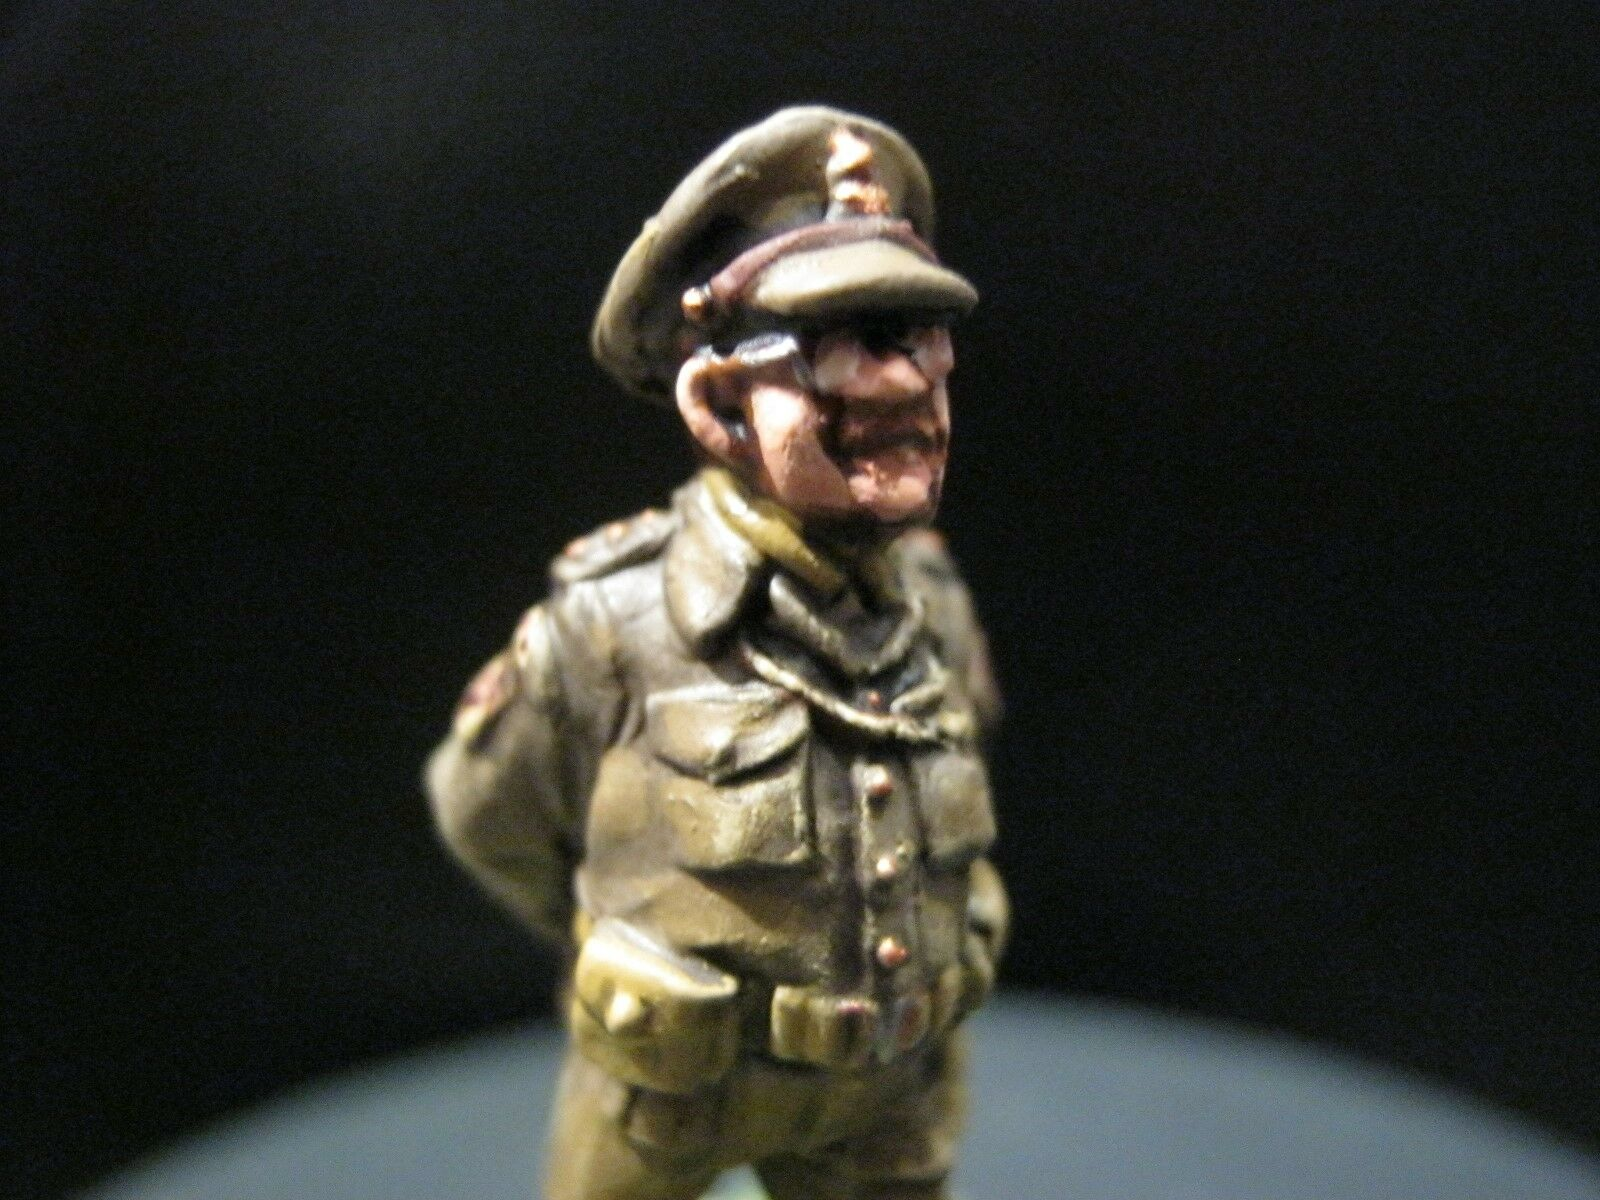 venta caliente en línea Pintado 28mm Segunda Guerra Mundial Perno acción Dad's Army Pintado Pintado Pintado A Pedido  alta calidad y envío rápido